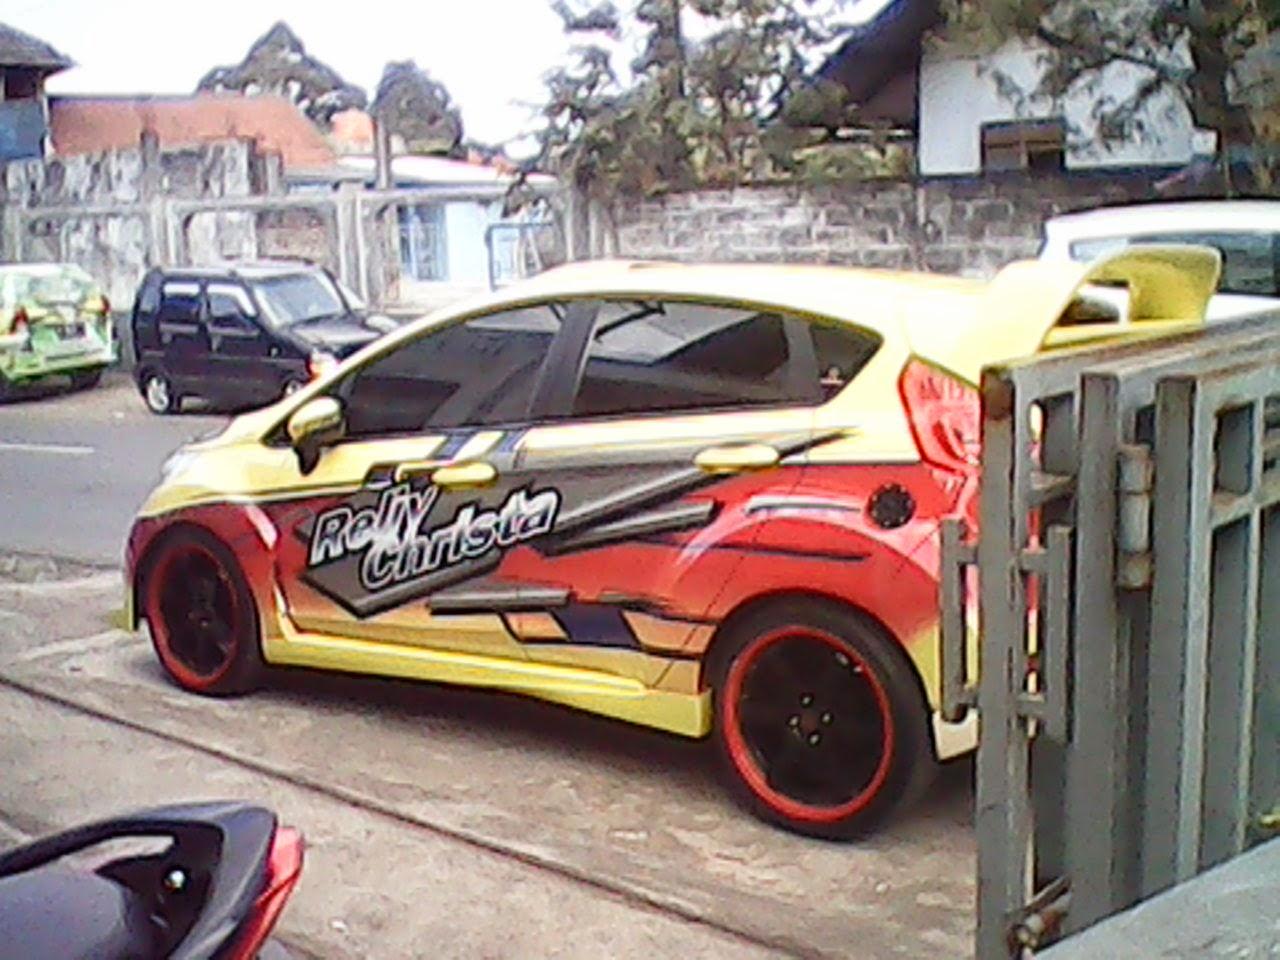 Gambar Variasi Mobil Acs Design Gambar di Rebanas  Rebanas